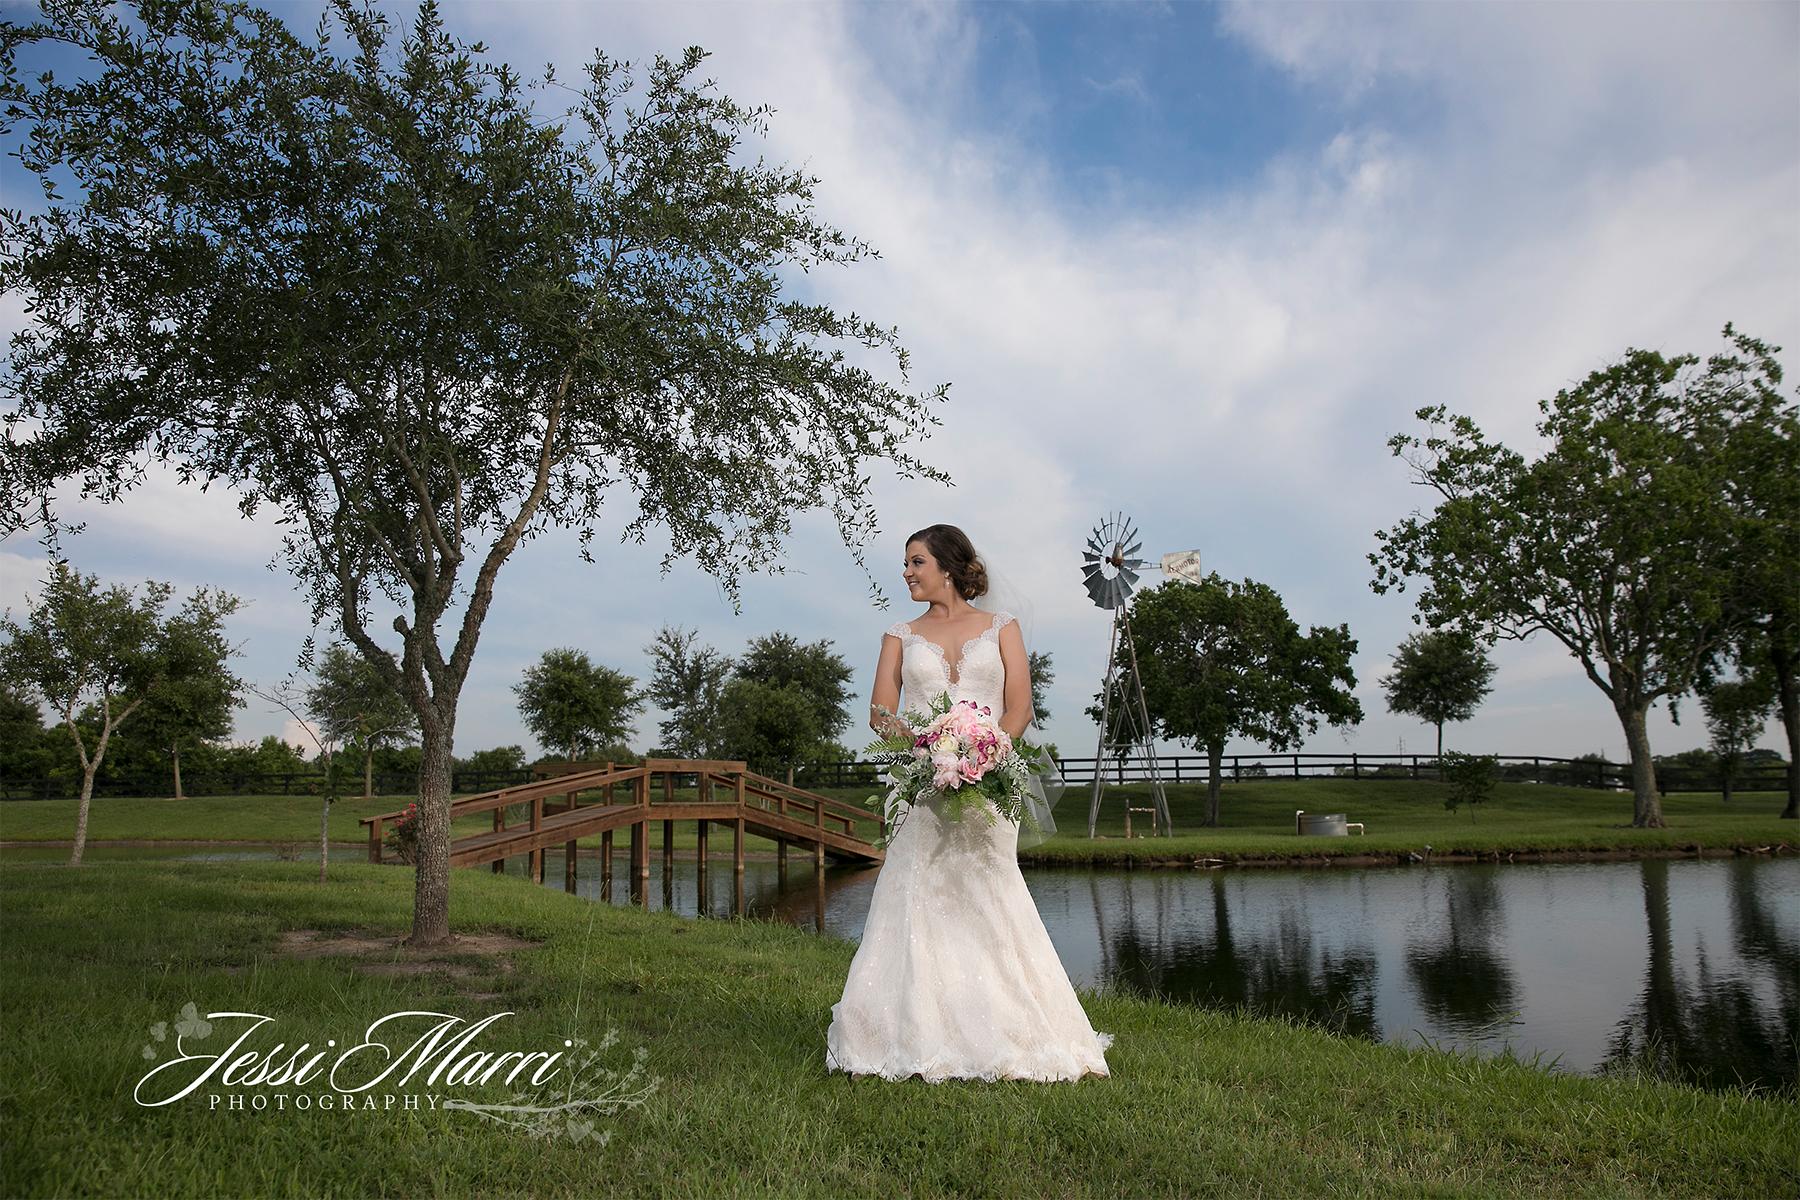 Houston wedding photographer archives jessi marri for Houston wedding photography and video